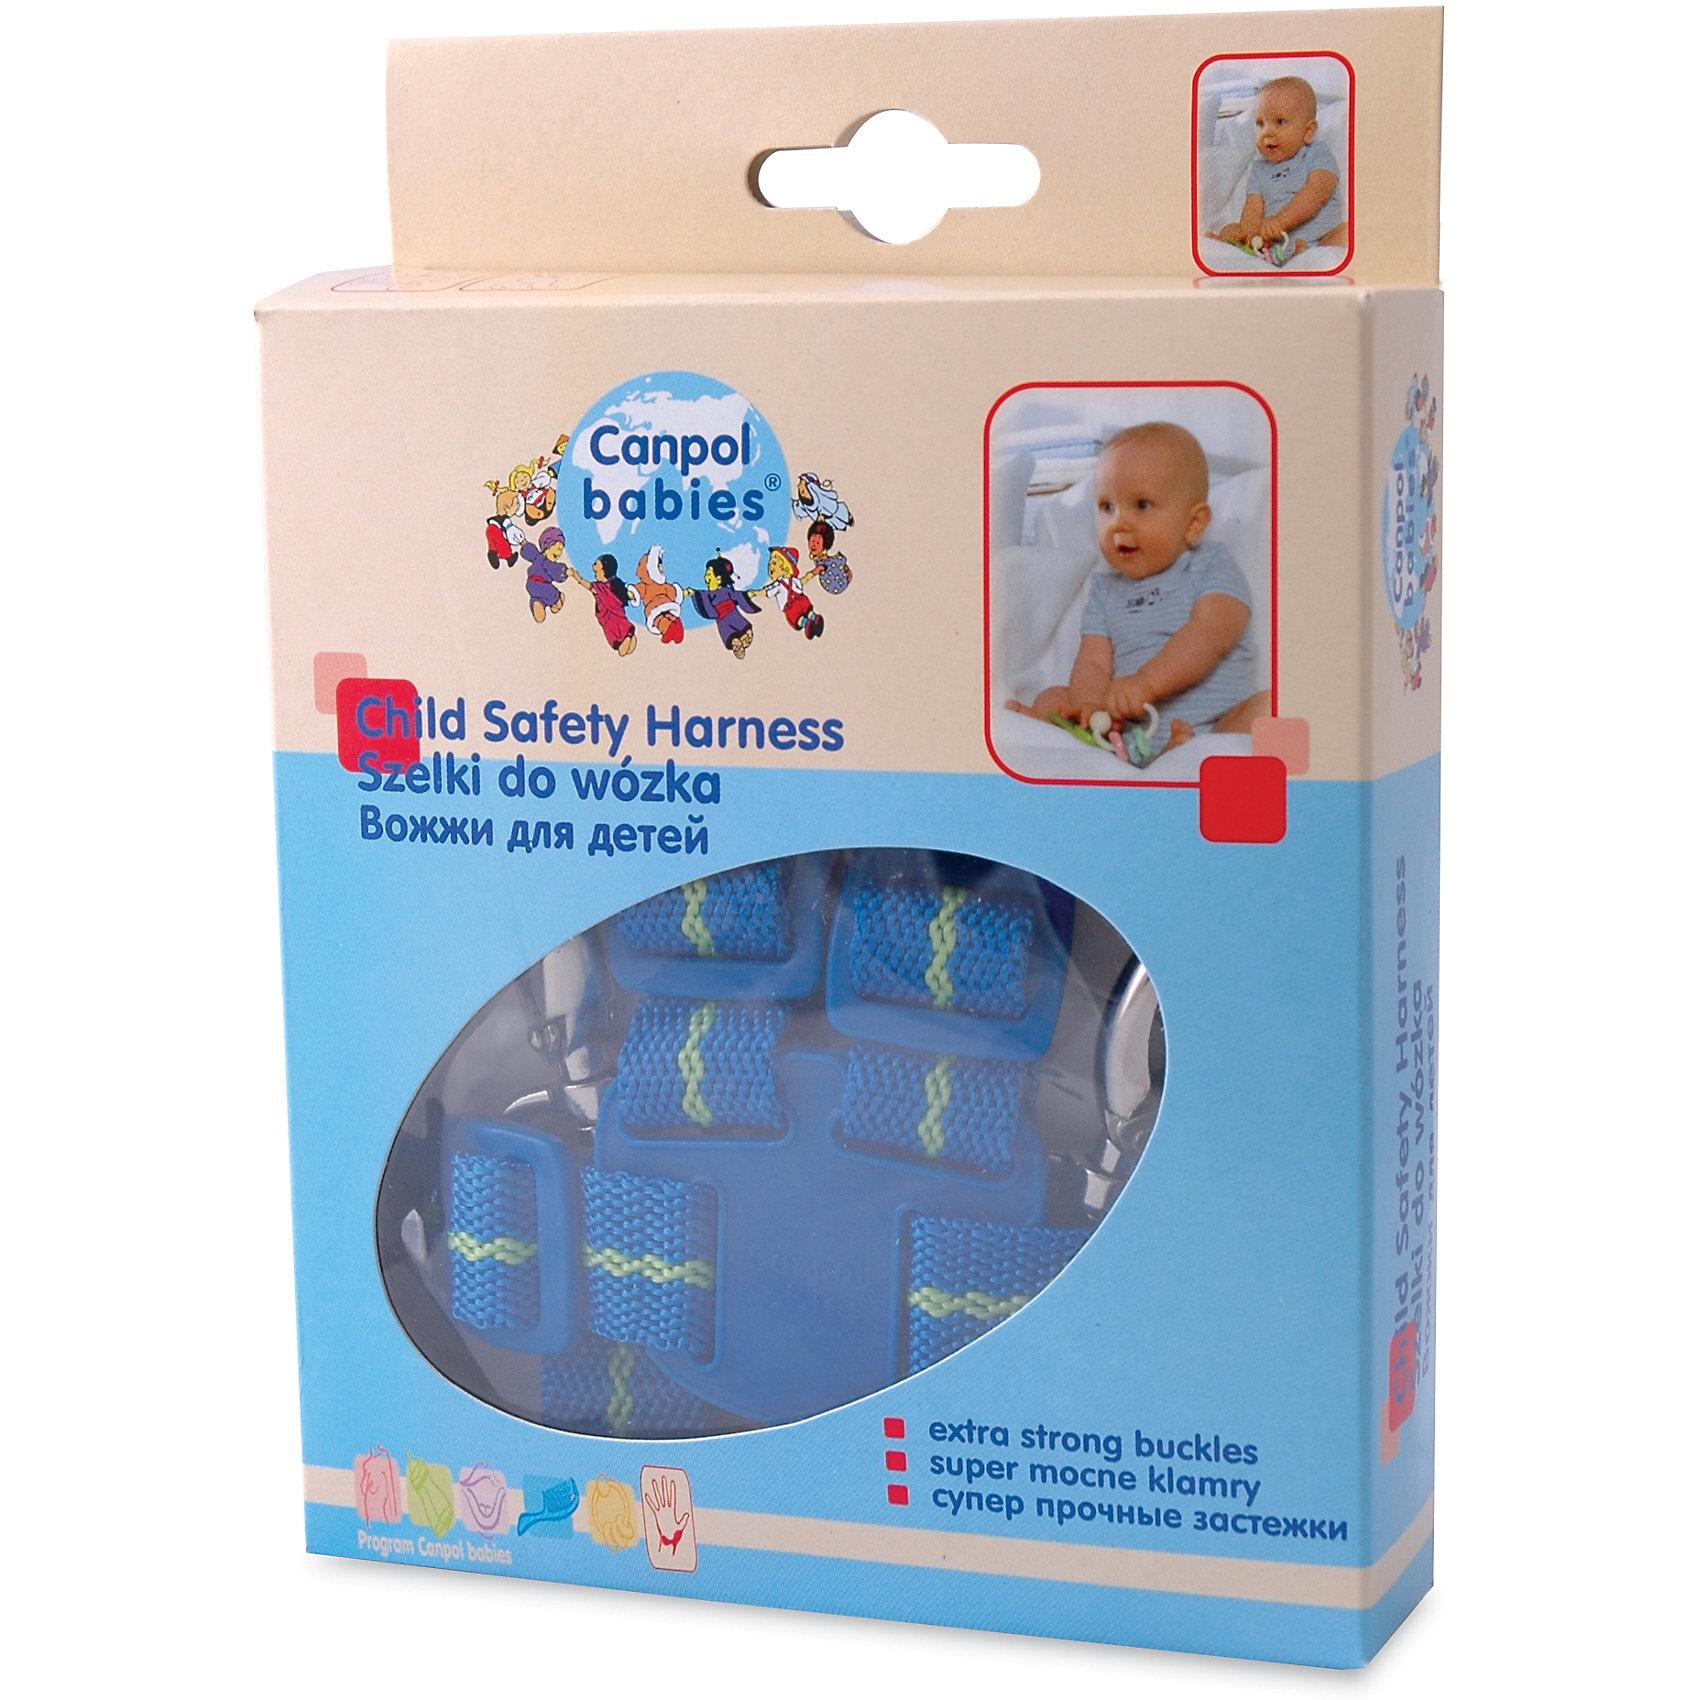 Вожжи Canpol Babies, синийВожжи Canpol Babies (Канпол Бэбис) обеспечат комфорт и безопасность Вашего ребенка во время прогулок и дома. Вожжи защищают малышей от падения из колясок или стульчиков, а также страхуют детей, которые только учатся ходить, поддерживают малыша и позволяют контролировать его движения как в помещении, так и на улице, в опасных и многолюдных местах. Ремни выполнены из прочной ткани и оснащены надежными застежками усиленной прочности. Специальная система регулировка позволяет адаптировать вожжи в зависимости от роста ребенка и размера коляски. Легко крепятся к коляске или детскому стульчику.<br><br>Дополнительная информация:<br><br>- Цвет: синий.<br>- Материал: текстиль, пластик.<br>- Ширина ремня: 2 см.<br>- Размер упаковки: 18 х 13 х 3,5 см.<br>- Вес: 185 гр.<br><br>Вожжи Canpol Babies (Канпол Бэбис), синий, можно купить в нашем интернет-магазине.<br><br>Ширина мм: 32<br>Глубина мм: 132<br>Высота мм: 180<br>Вес г: 172<br>Цвет: синий<br>Возраст от месяцев: 12<br>Возраст до месяцев: 18<br>Пол: Мужской<br>Возраст: Детский<br>SKU: 4341873